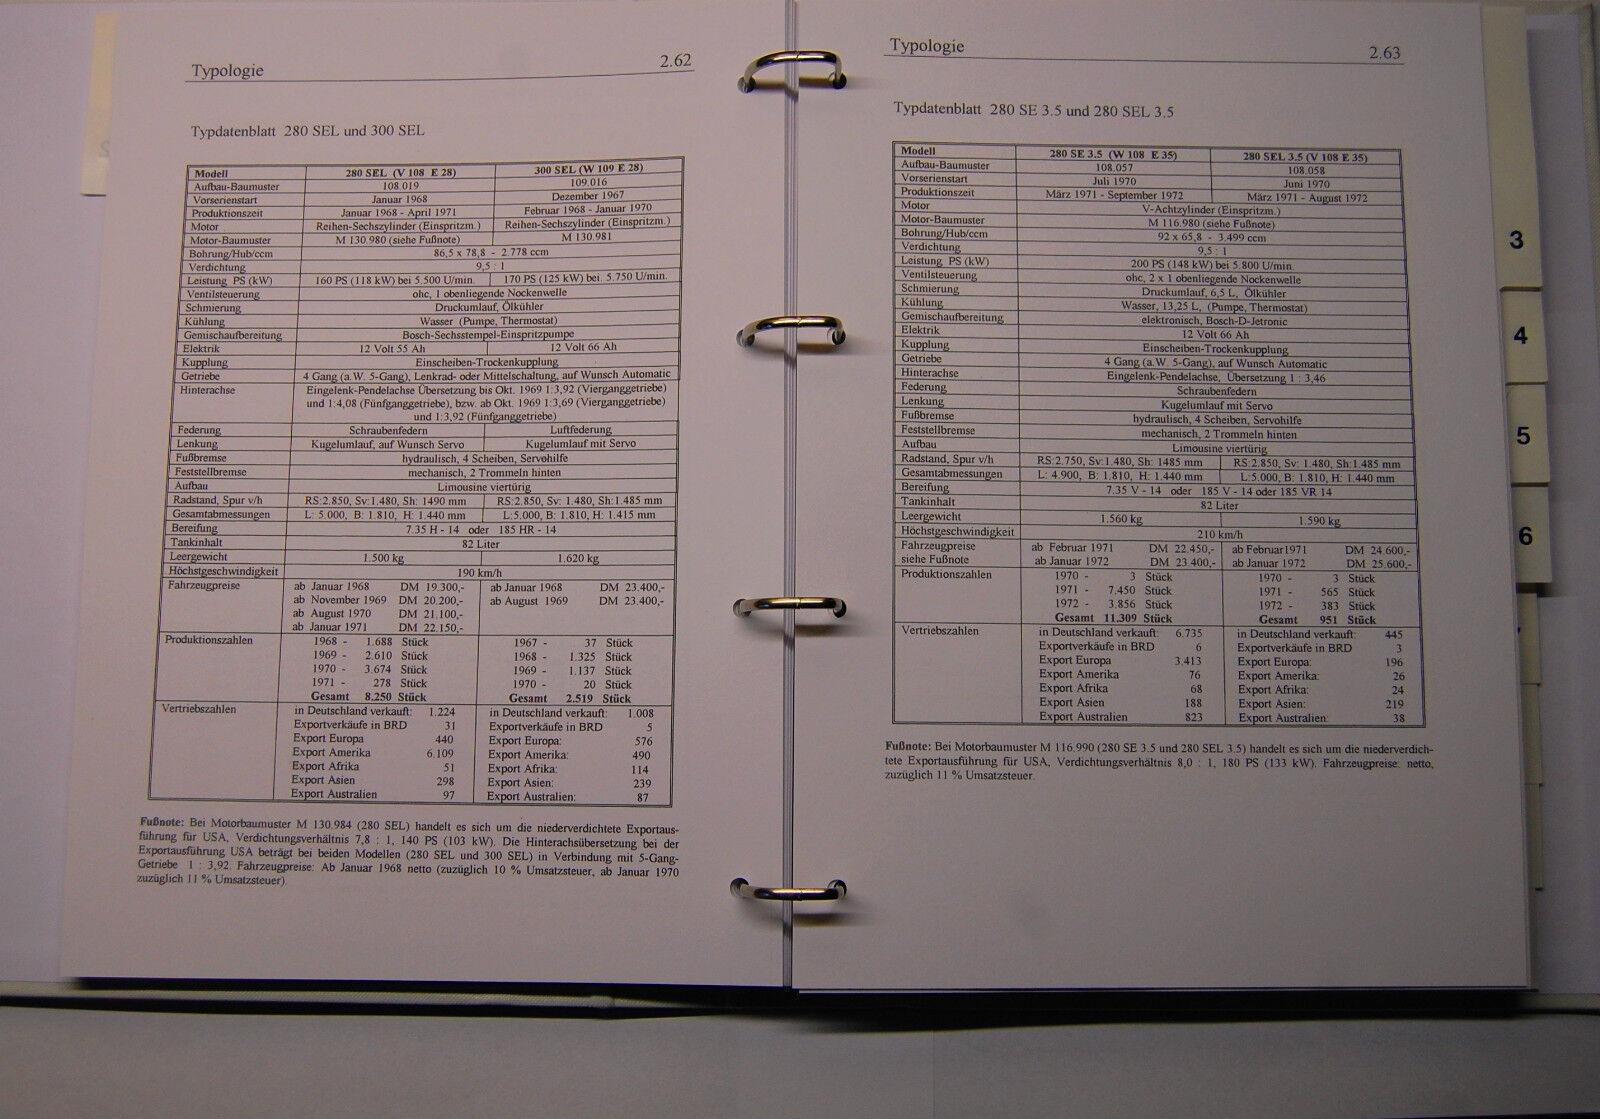 mercedes benz alte s klasse mbig handbuch w108 109 eur 31 00 picclick de. Black Bedroom Furniture Sets. Home Design Ideas